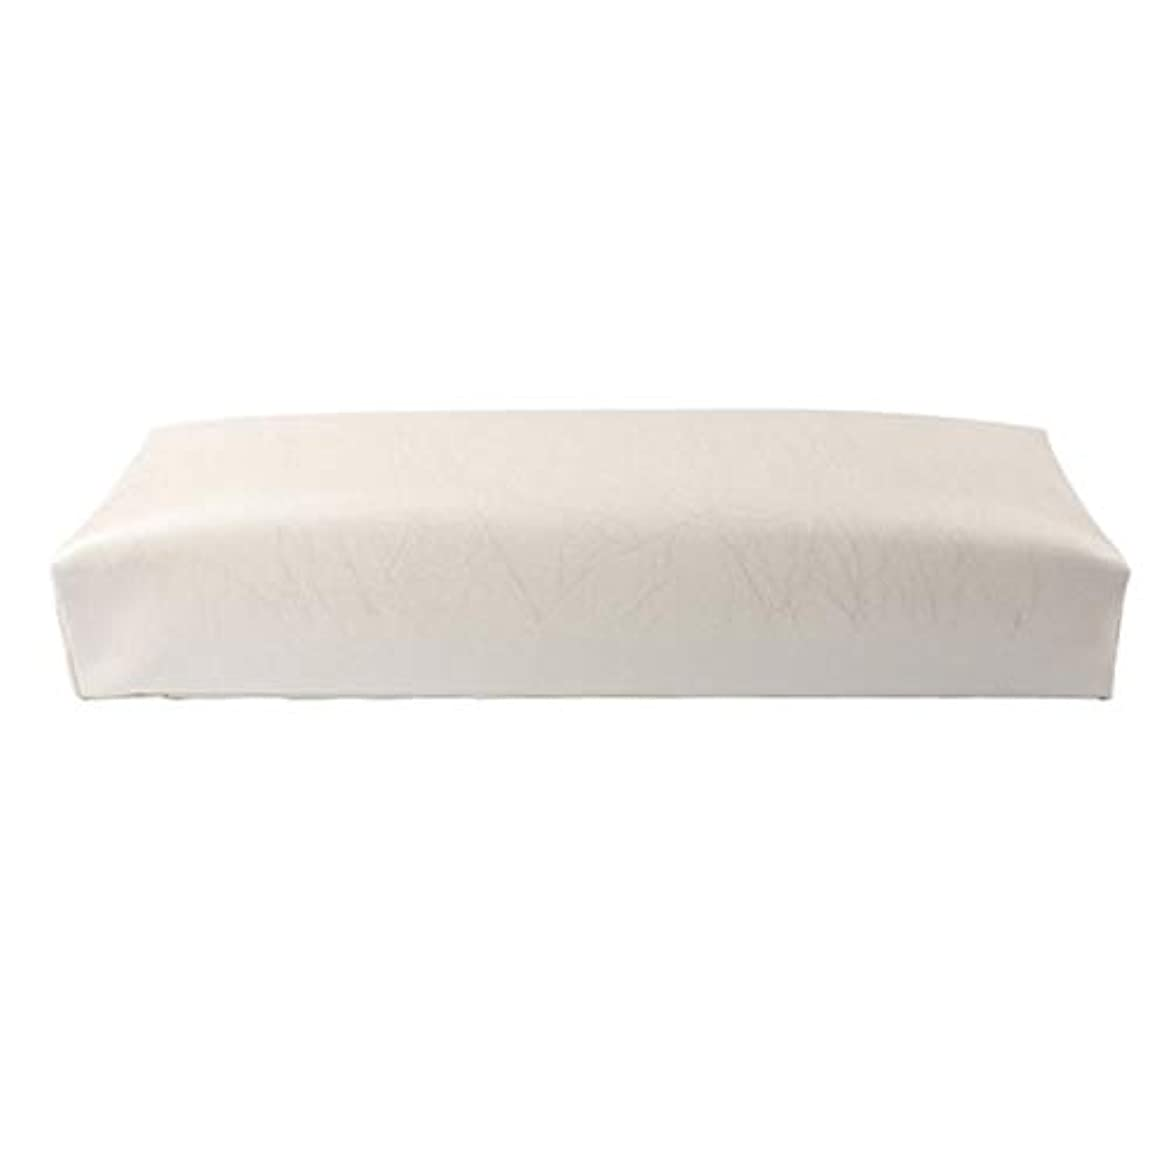 提唱する批判的に遠洋のCUHAWUDBA ネイル用マニキュアハンド枕長方形PUレザーハンドレストクッションネイルピローサロンハンドホルダーアームレストレストマニキュアネイルアートアクセサリーツールホワイト